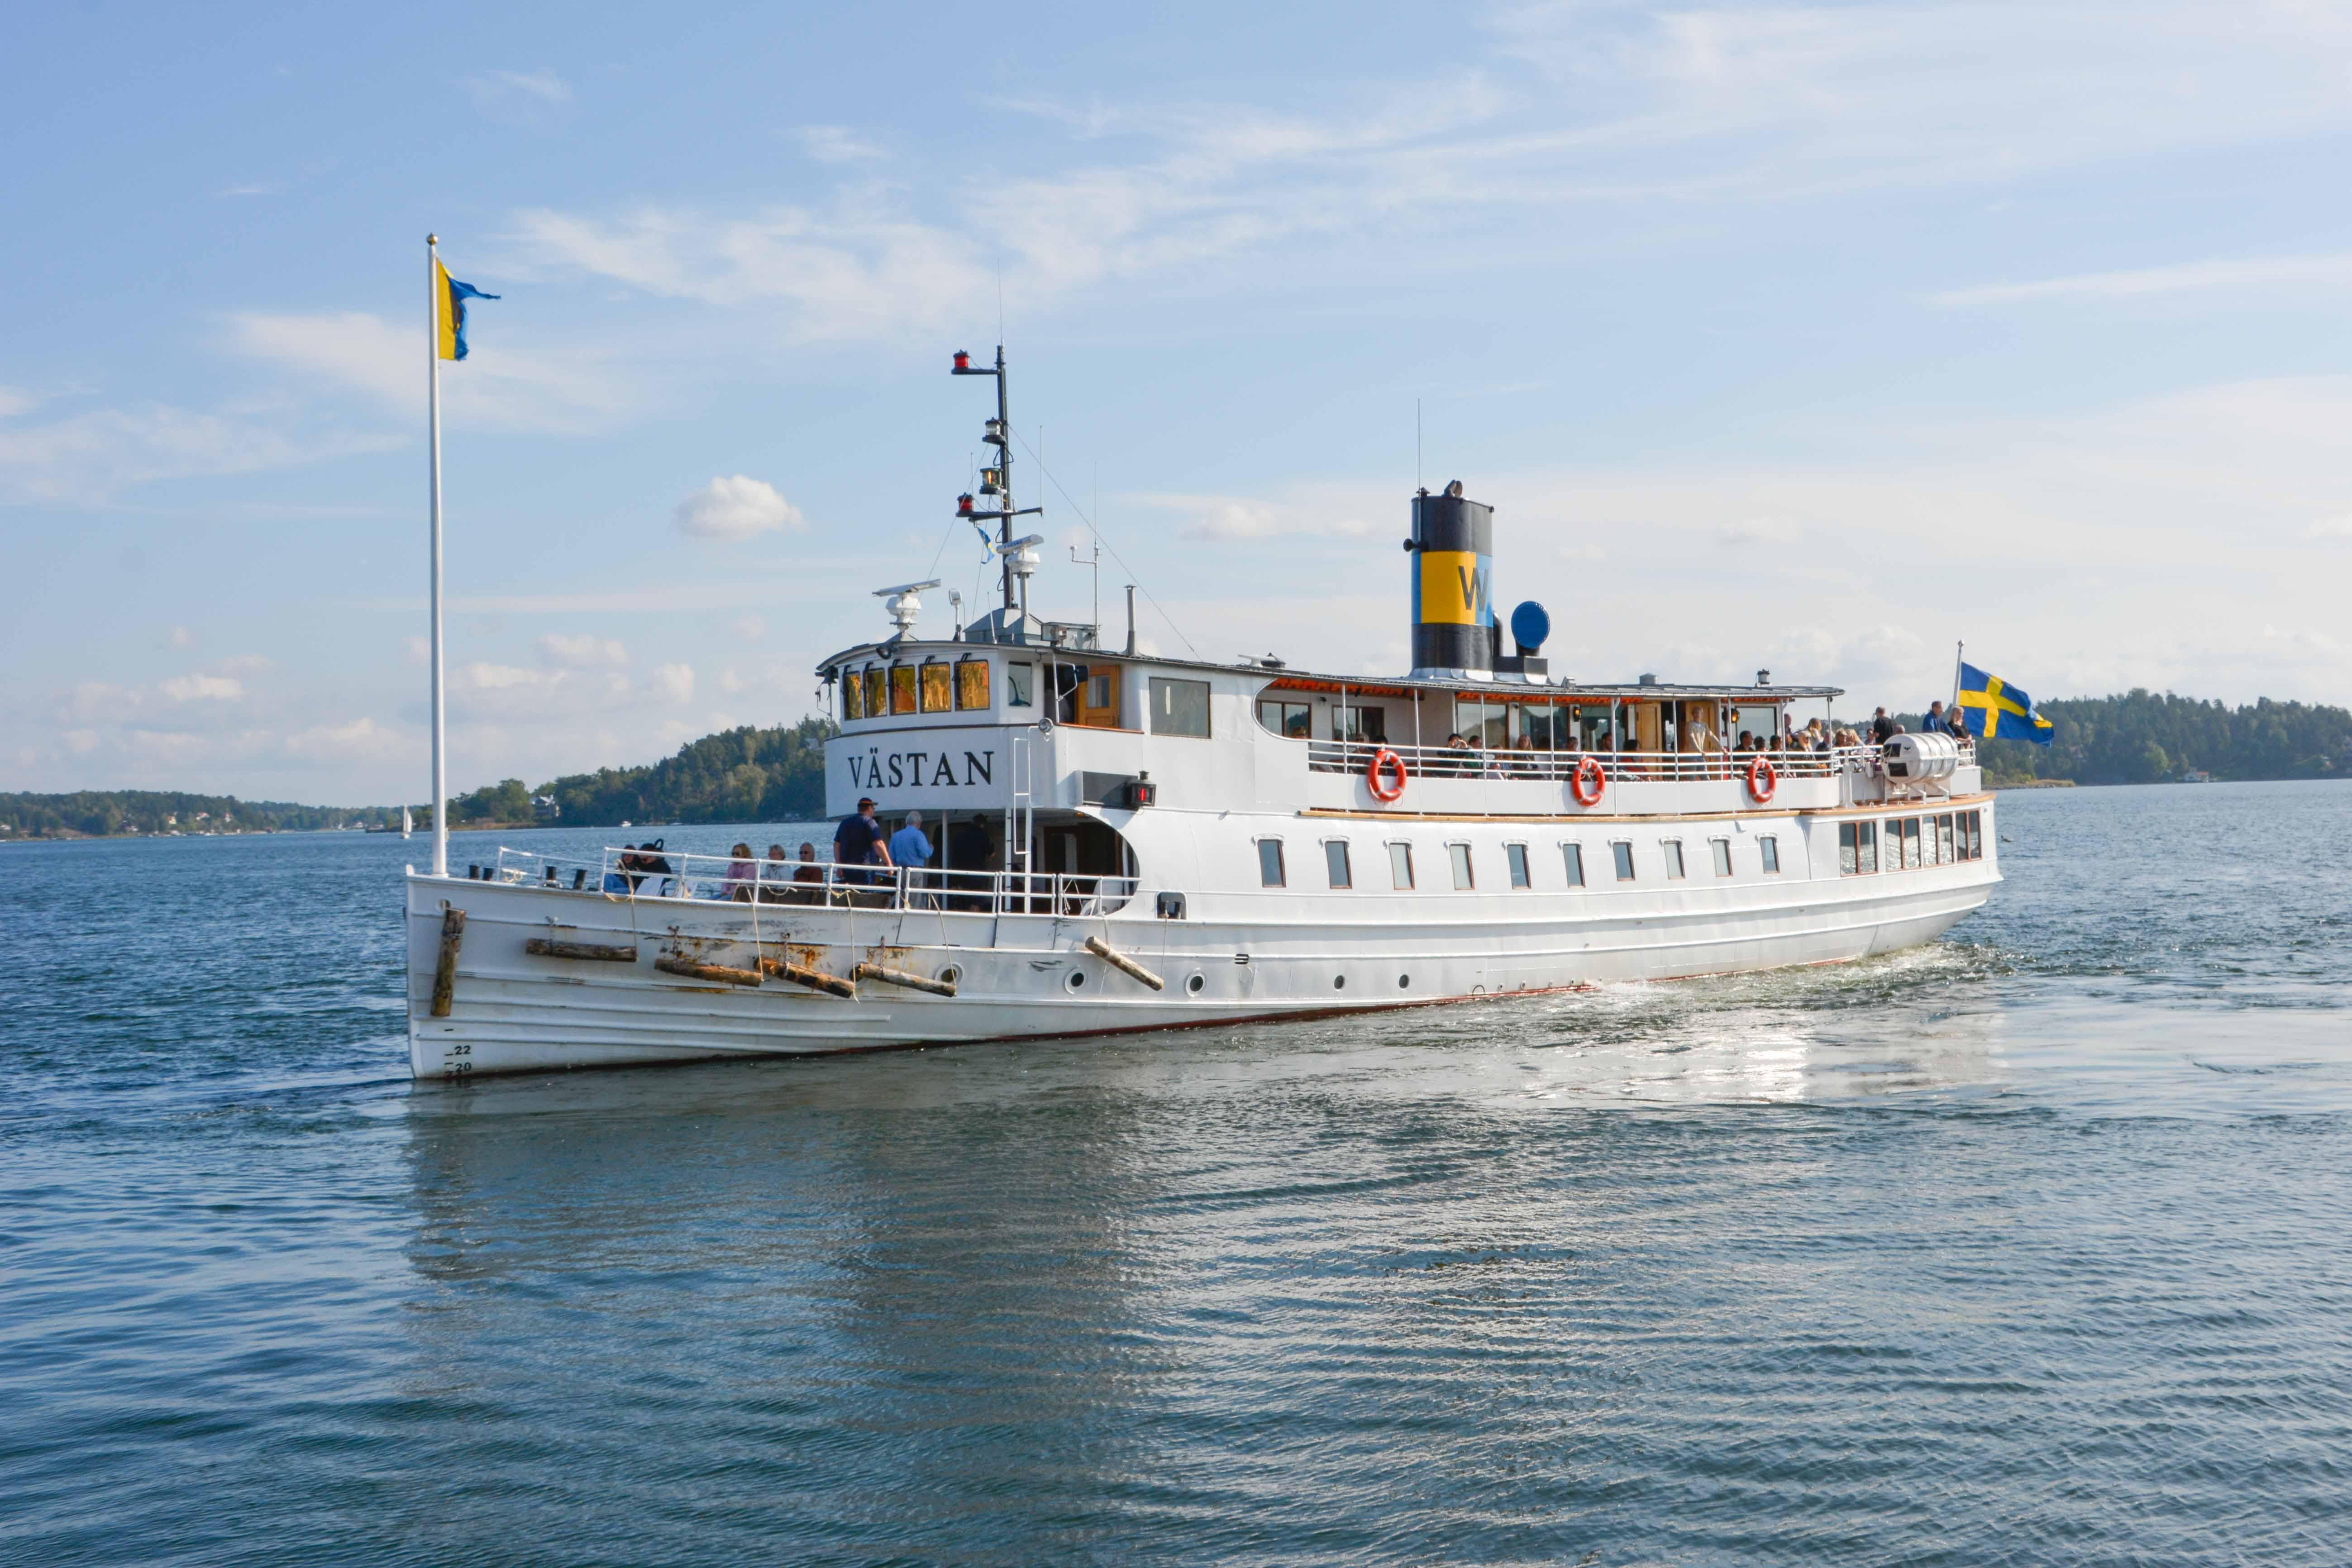 Linienboot für den öffentlichen Nahverkehr zwischen den Inseln von Stockholm